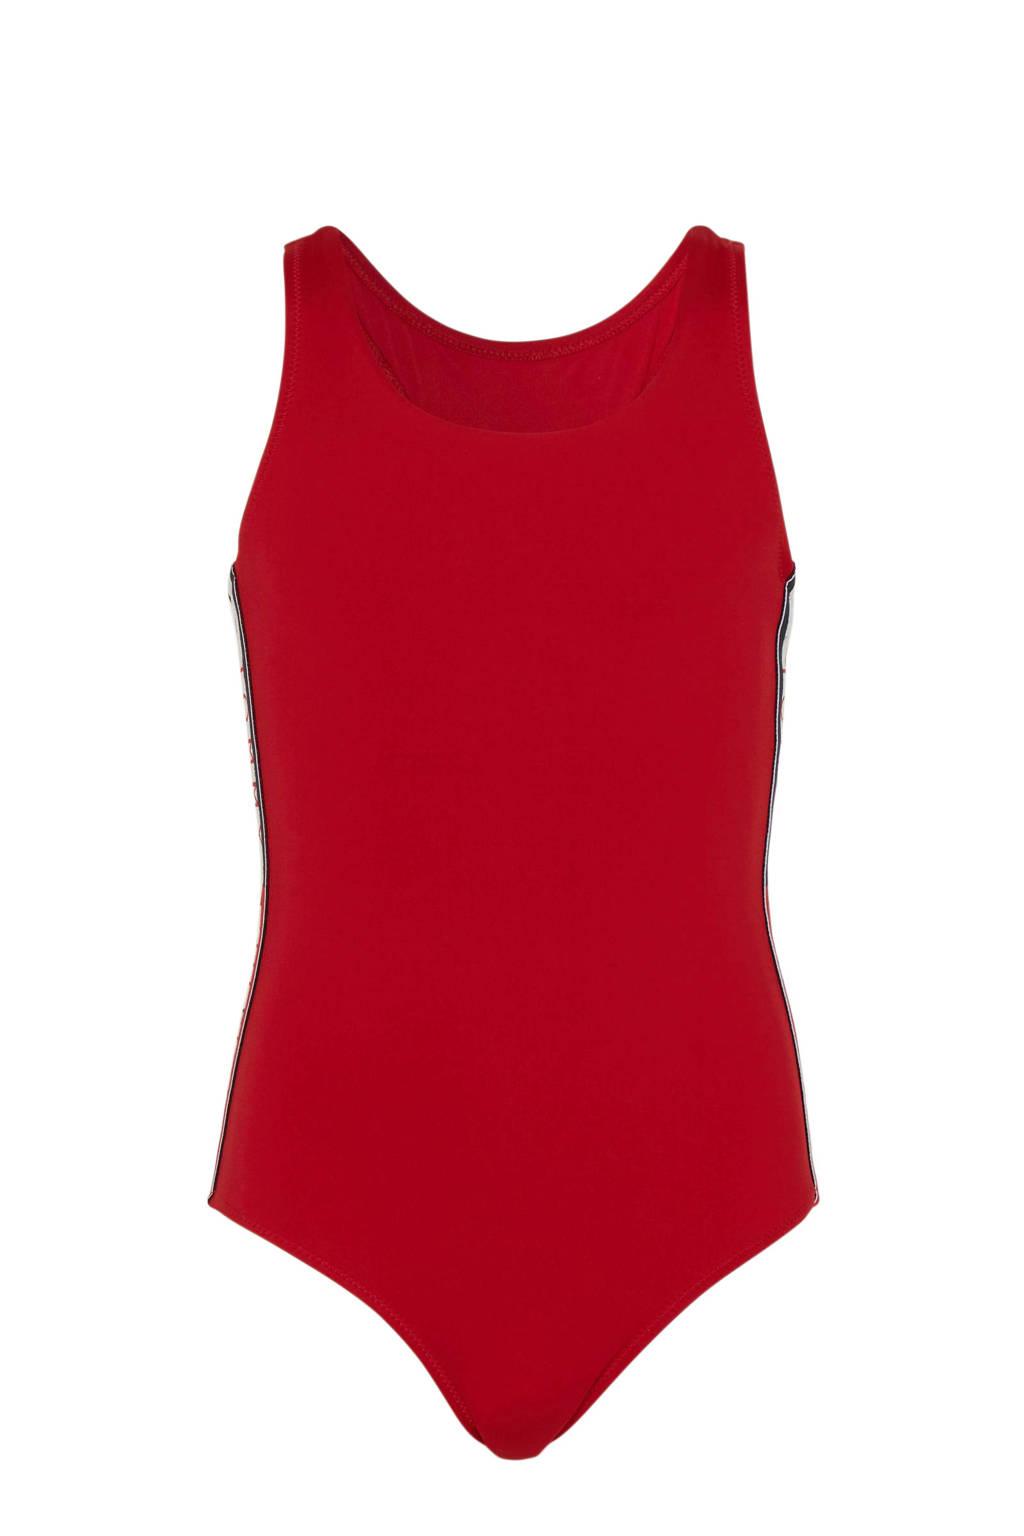 Tommy Hilfiger badpak met zijbies rood, Rood